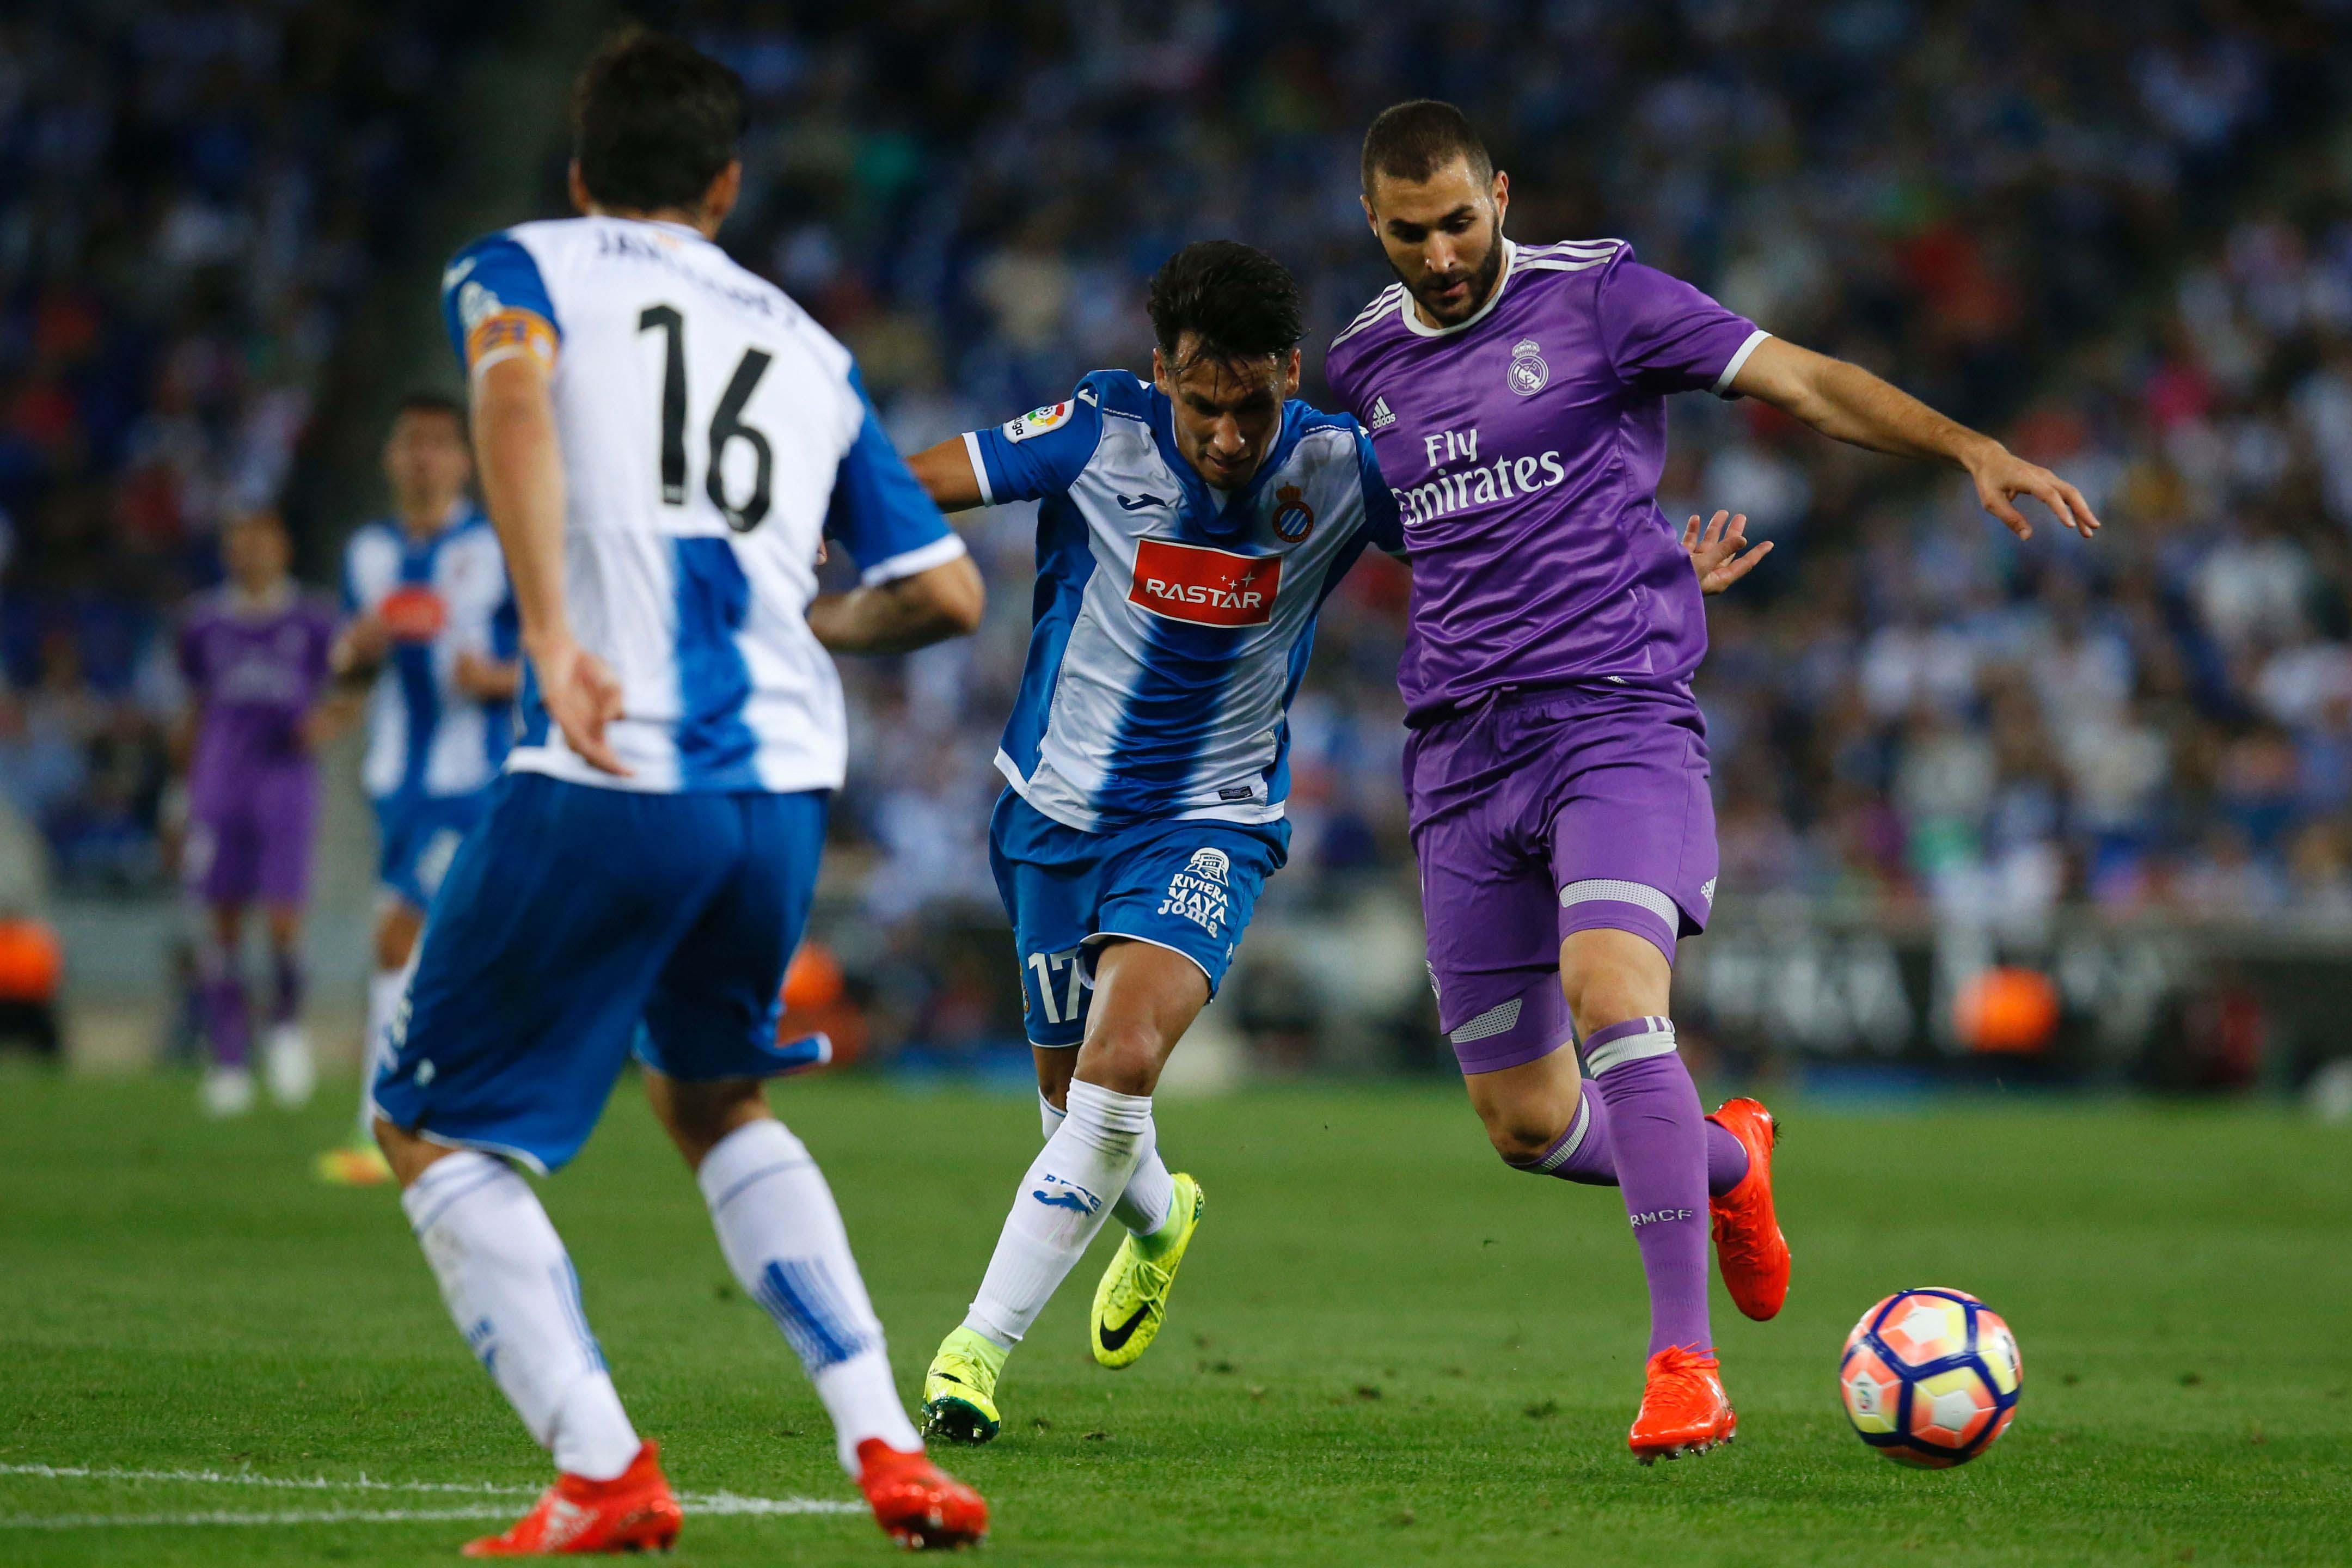 Real Madrid vs Espanyol: todo apunta a que habrá fiesta en el Bernabéu